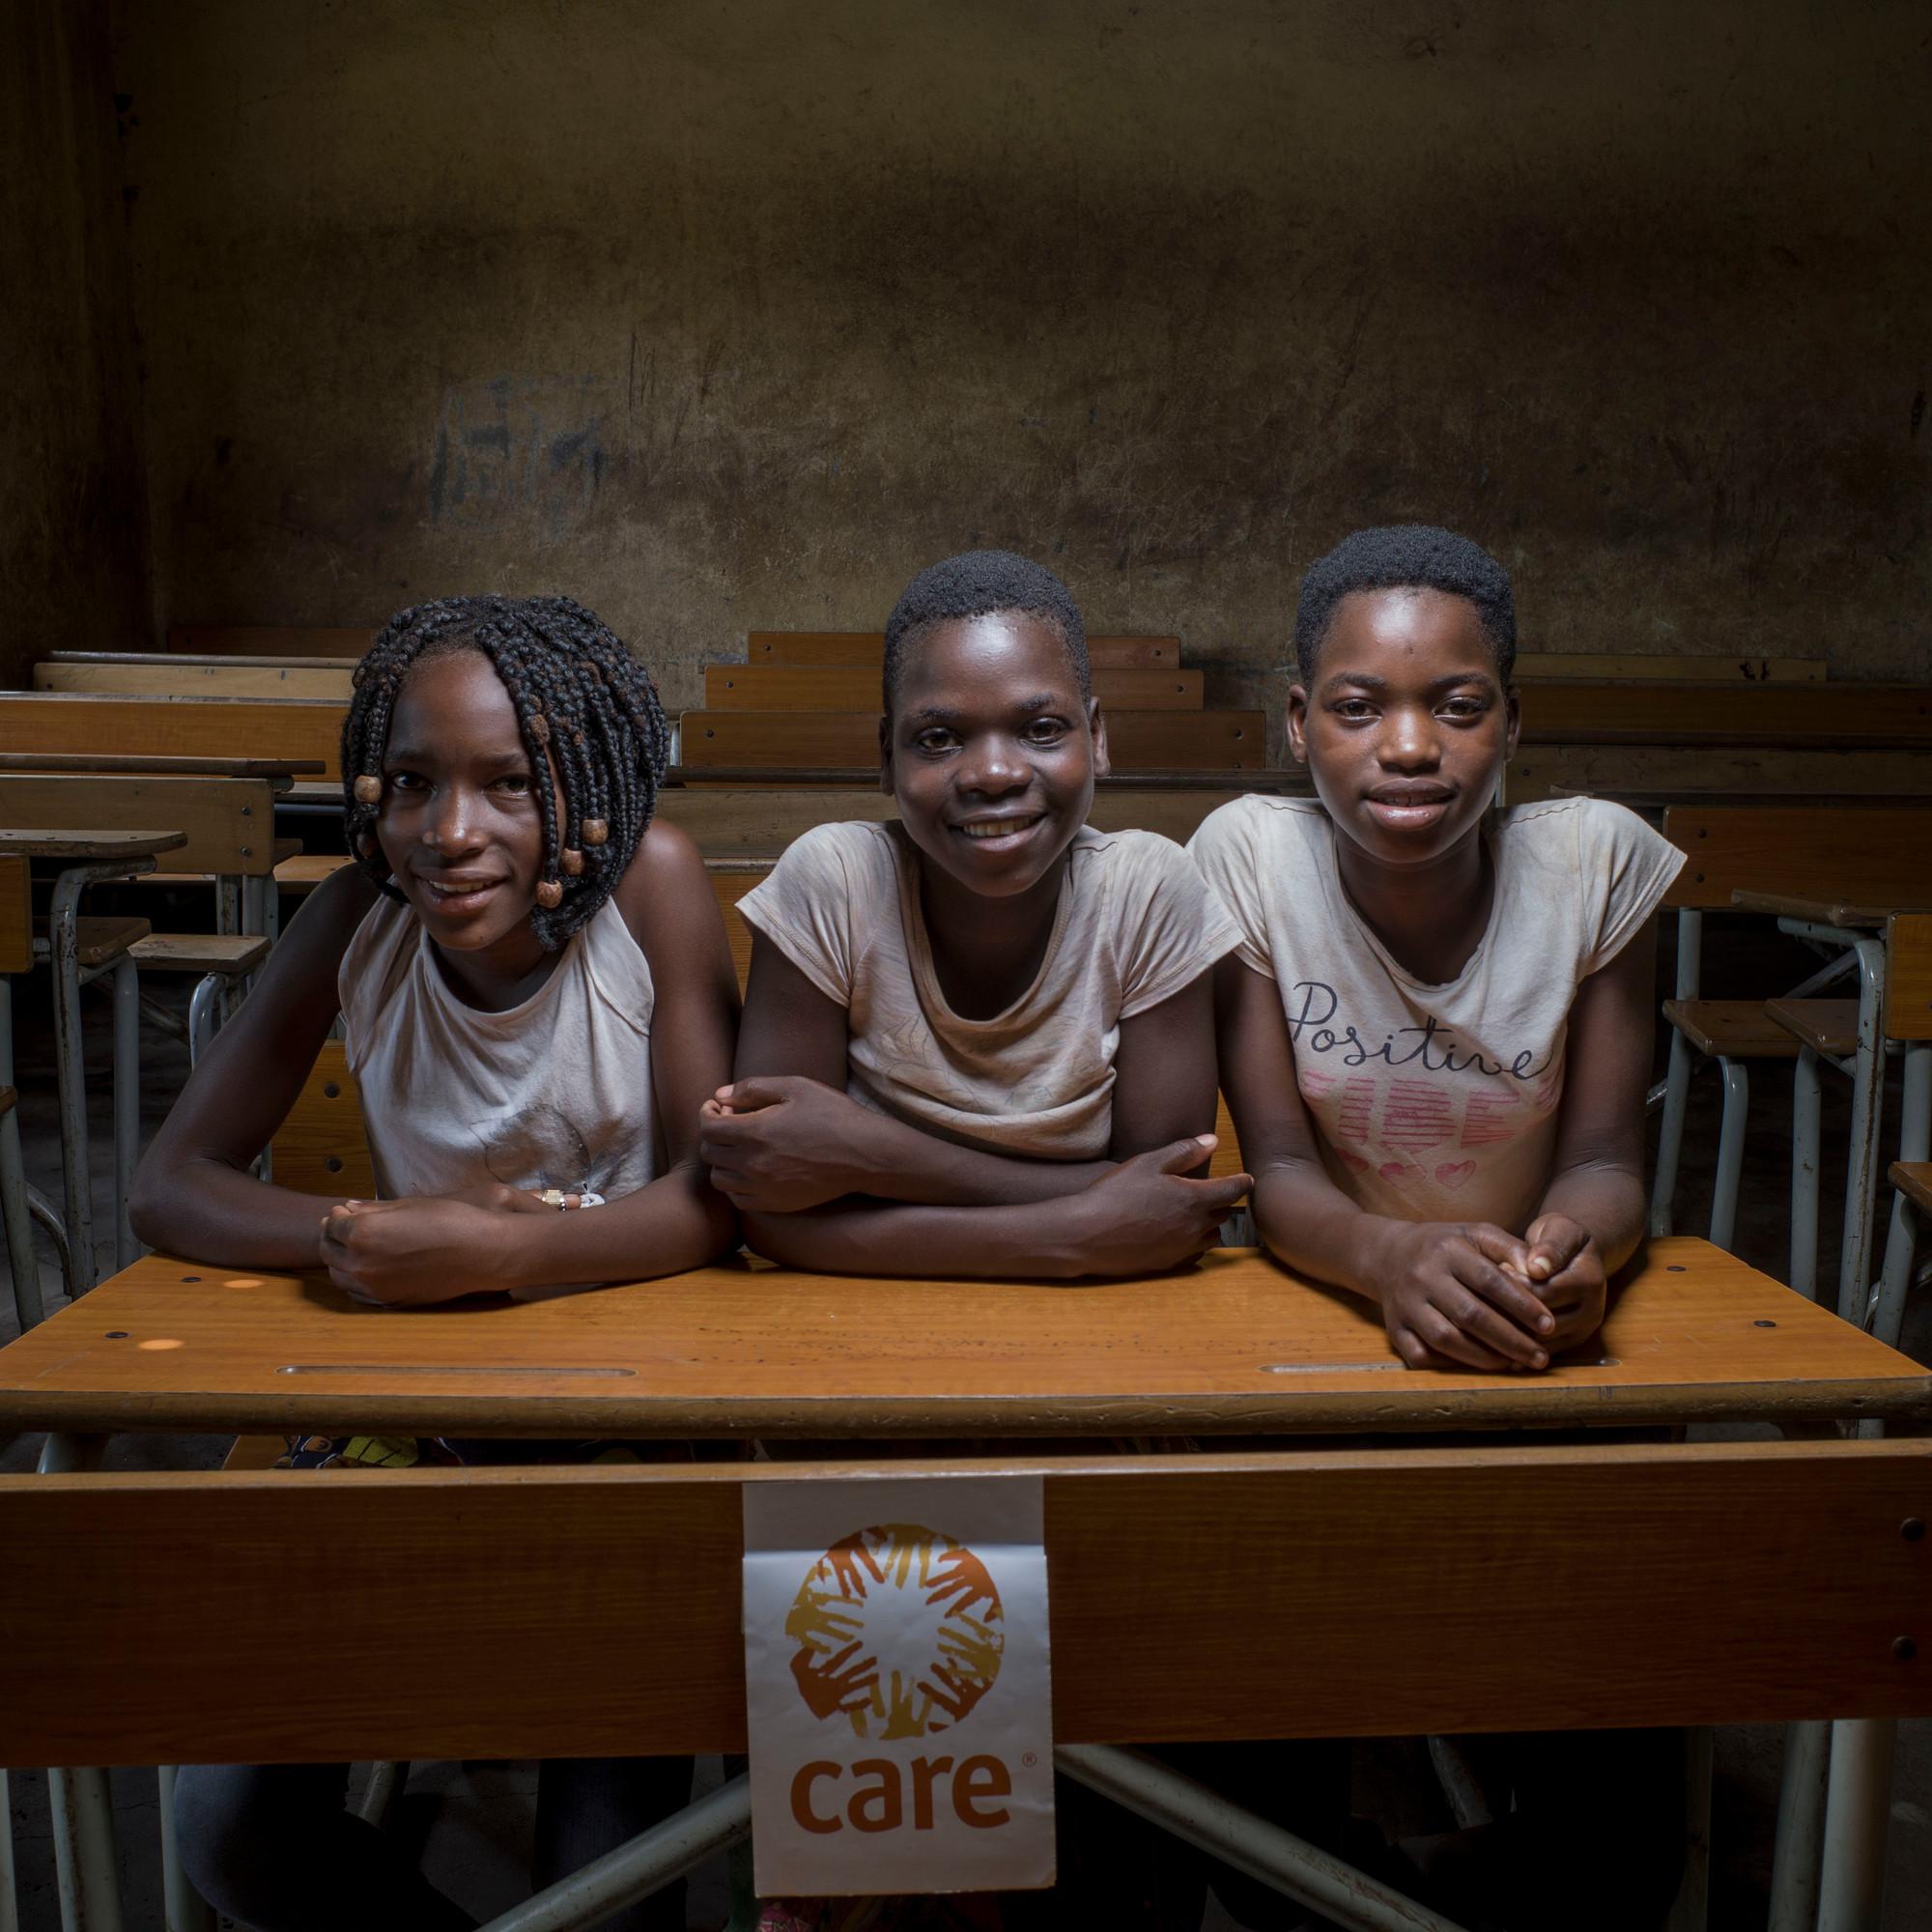 Três adolescentes estão sentadas em uma mesa de madeira em uma sala de aula.